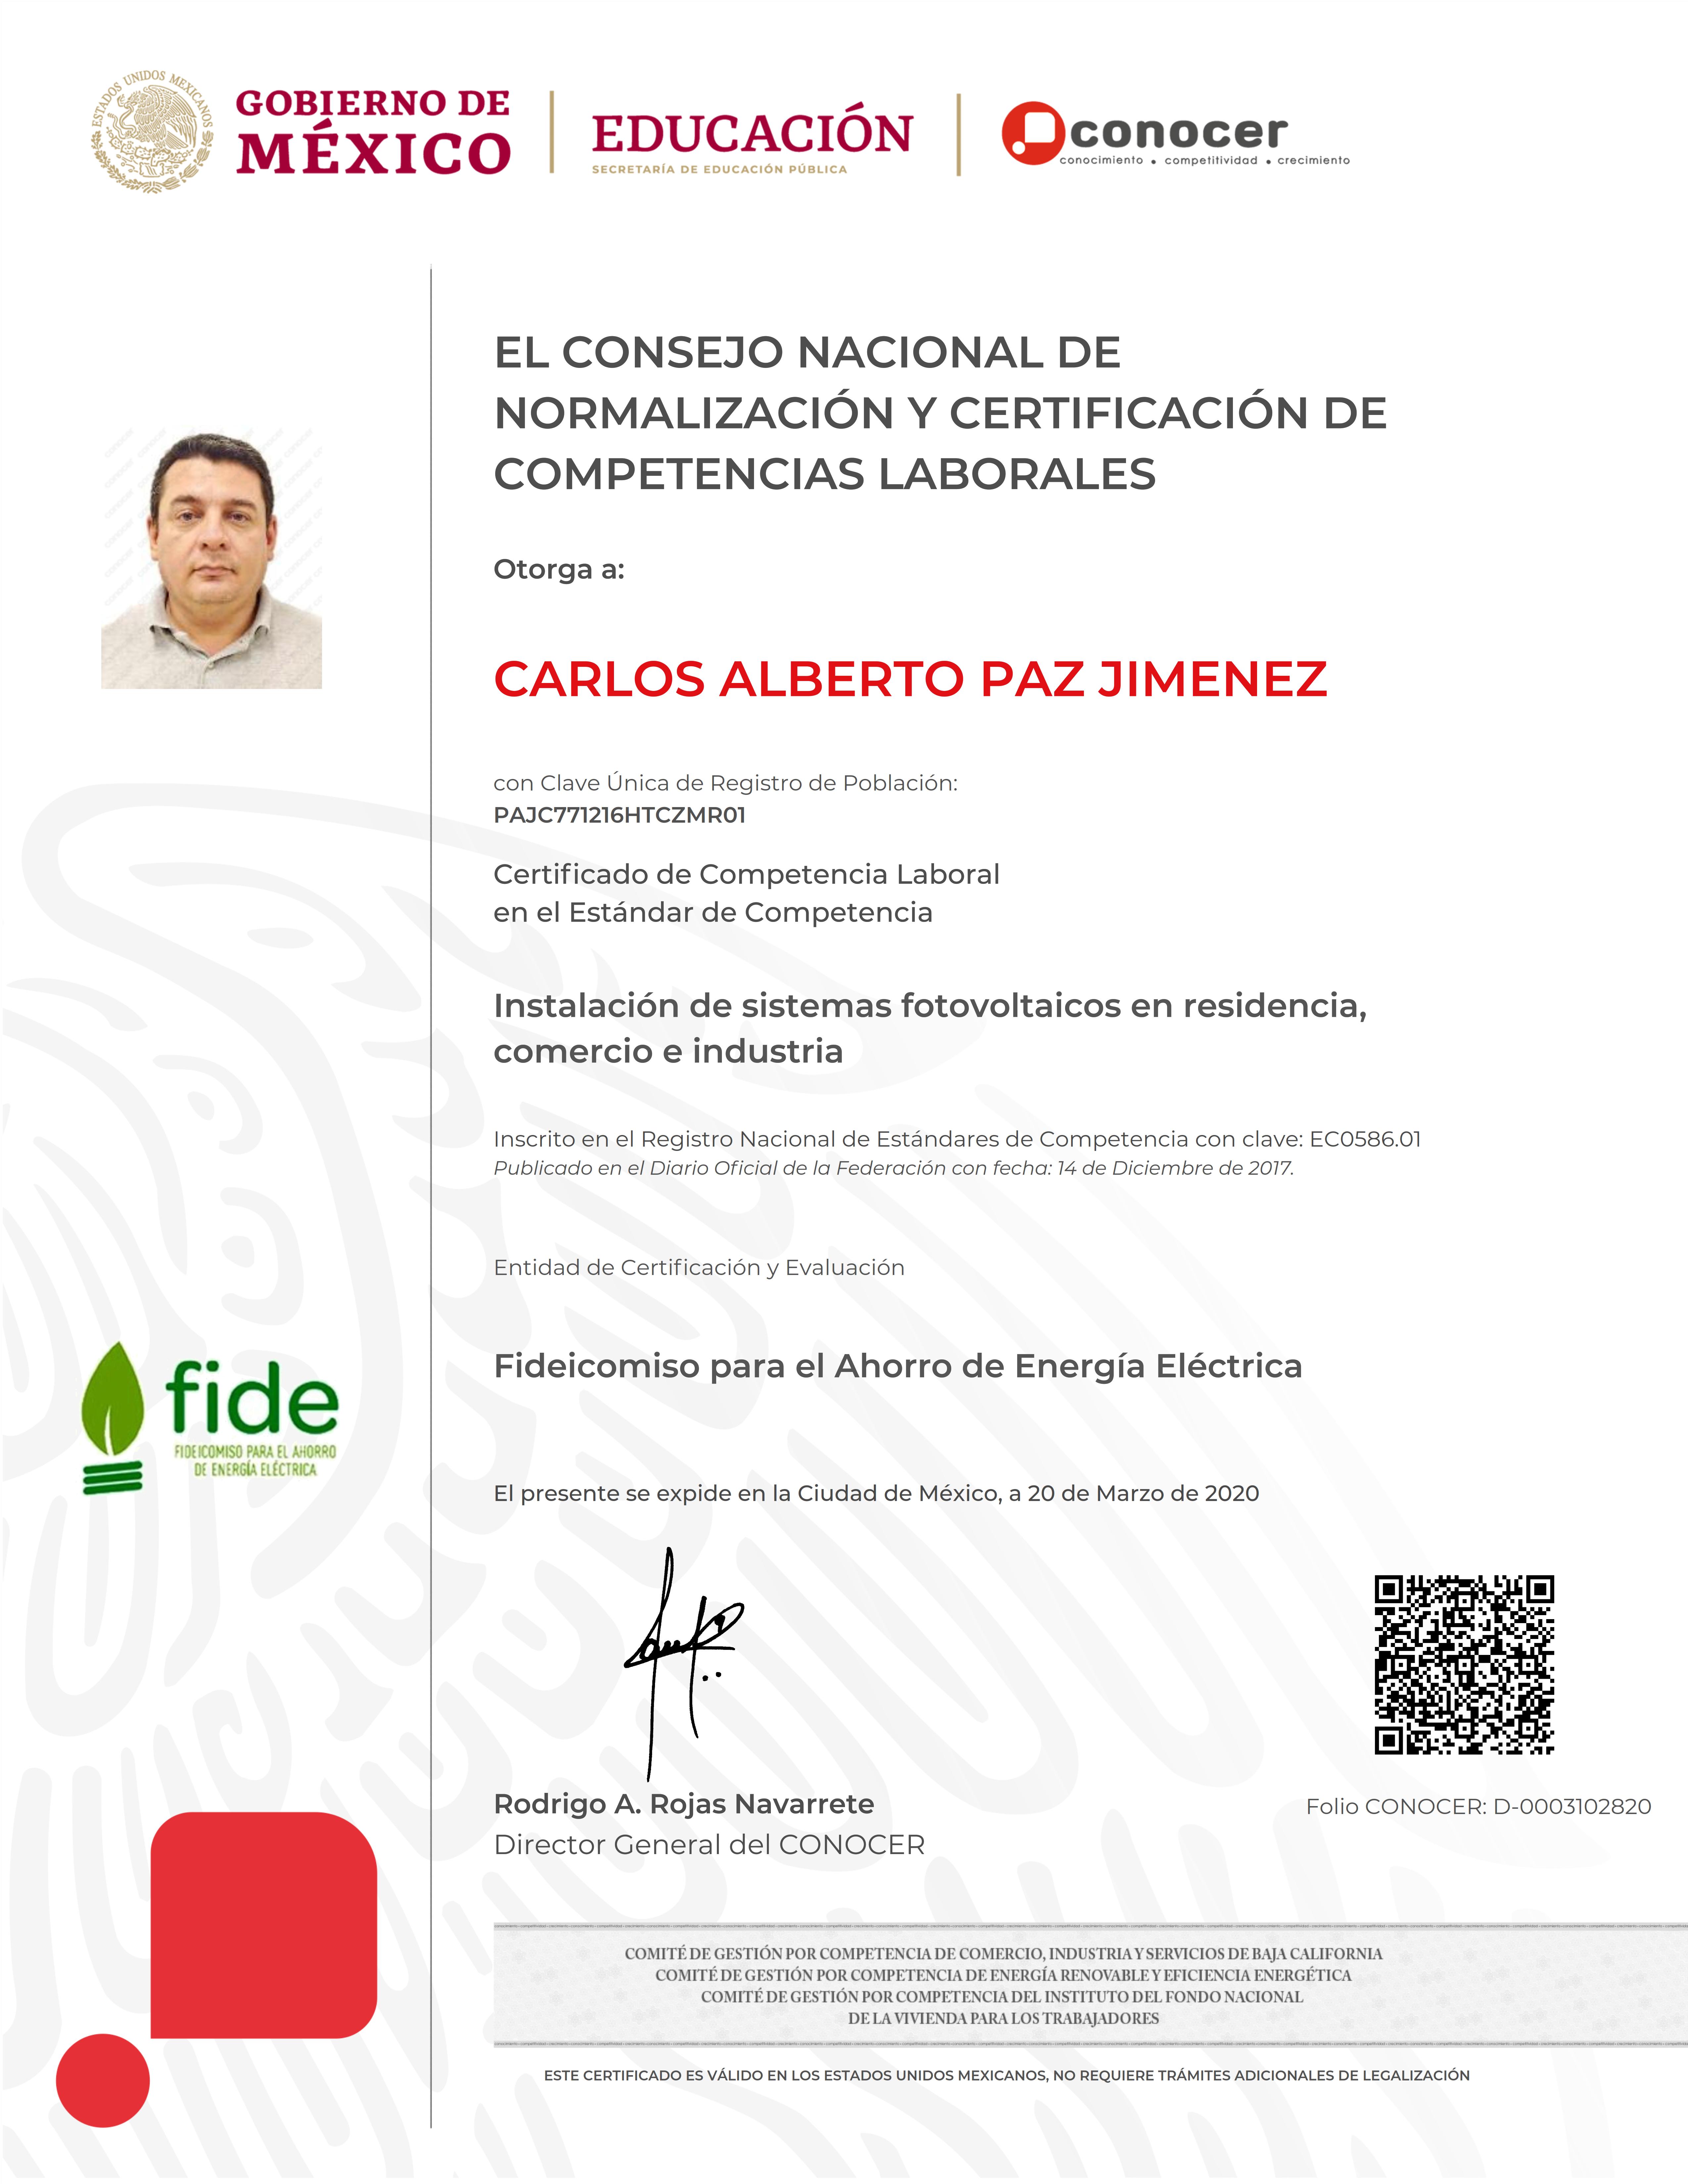 CERTIFICADO EC0586.01